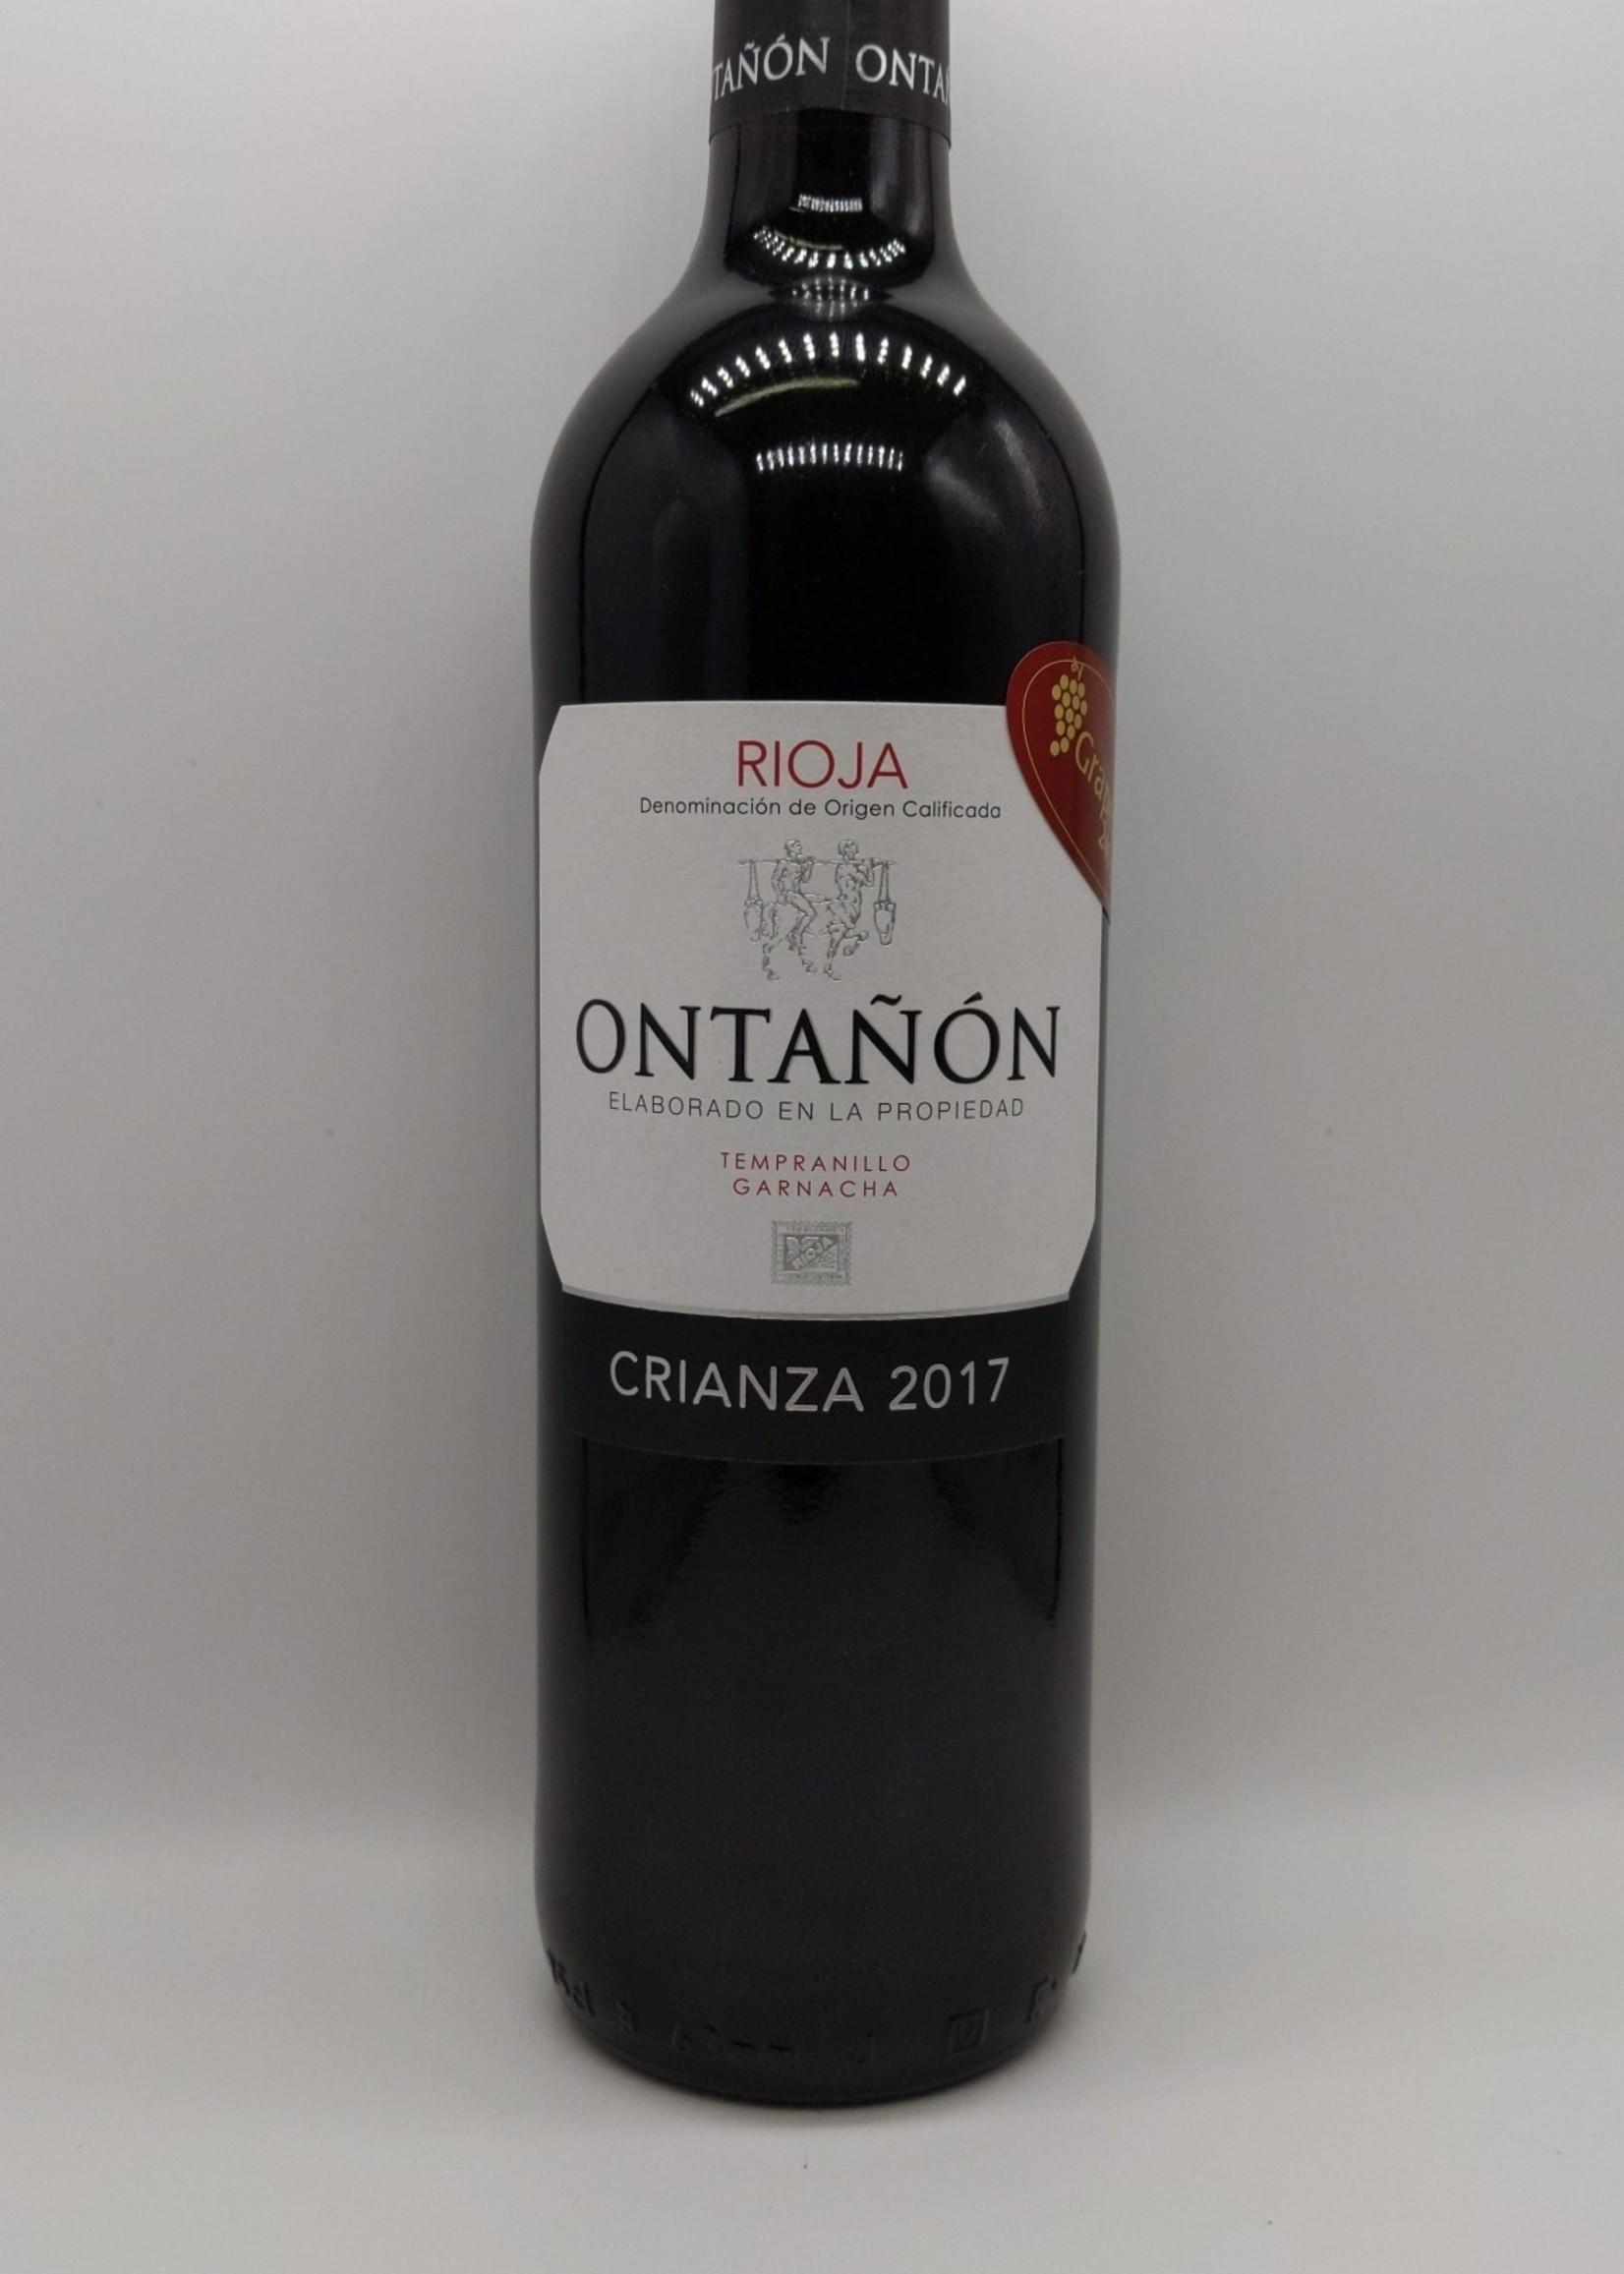 2017 ONTANON RIOJA CRIANZA 750ml